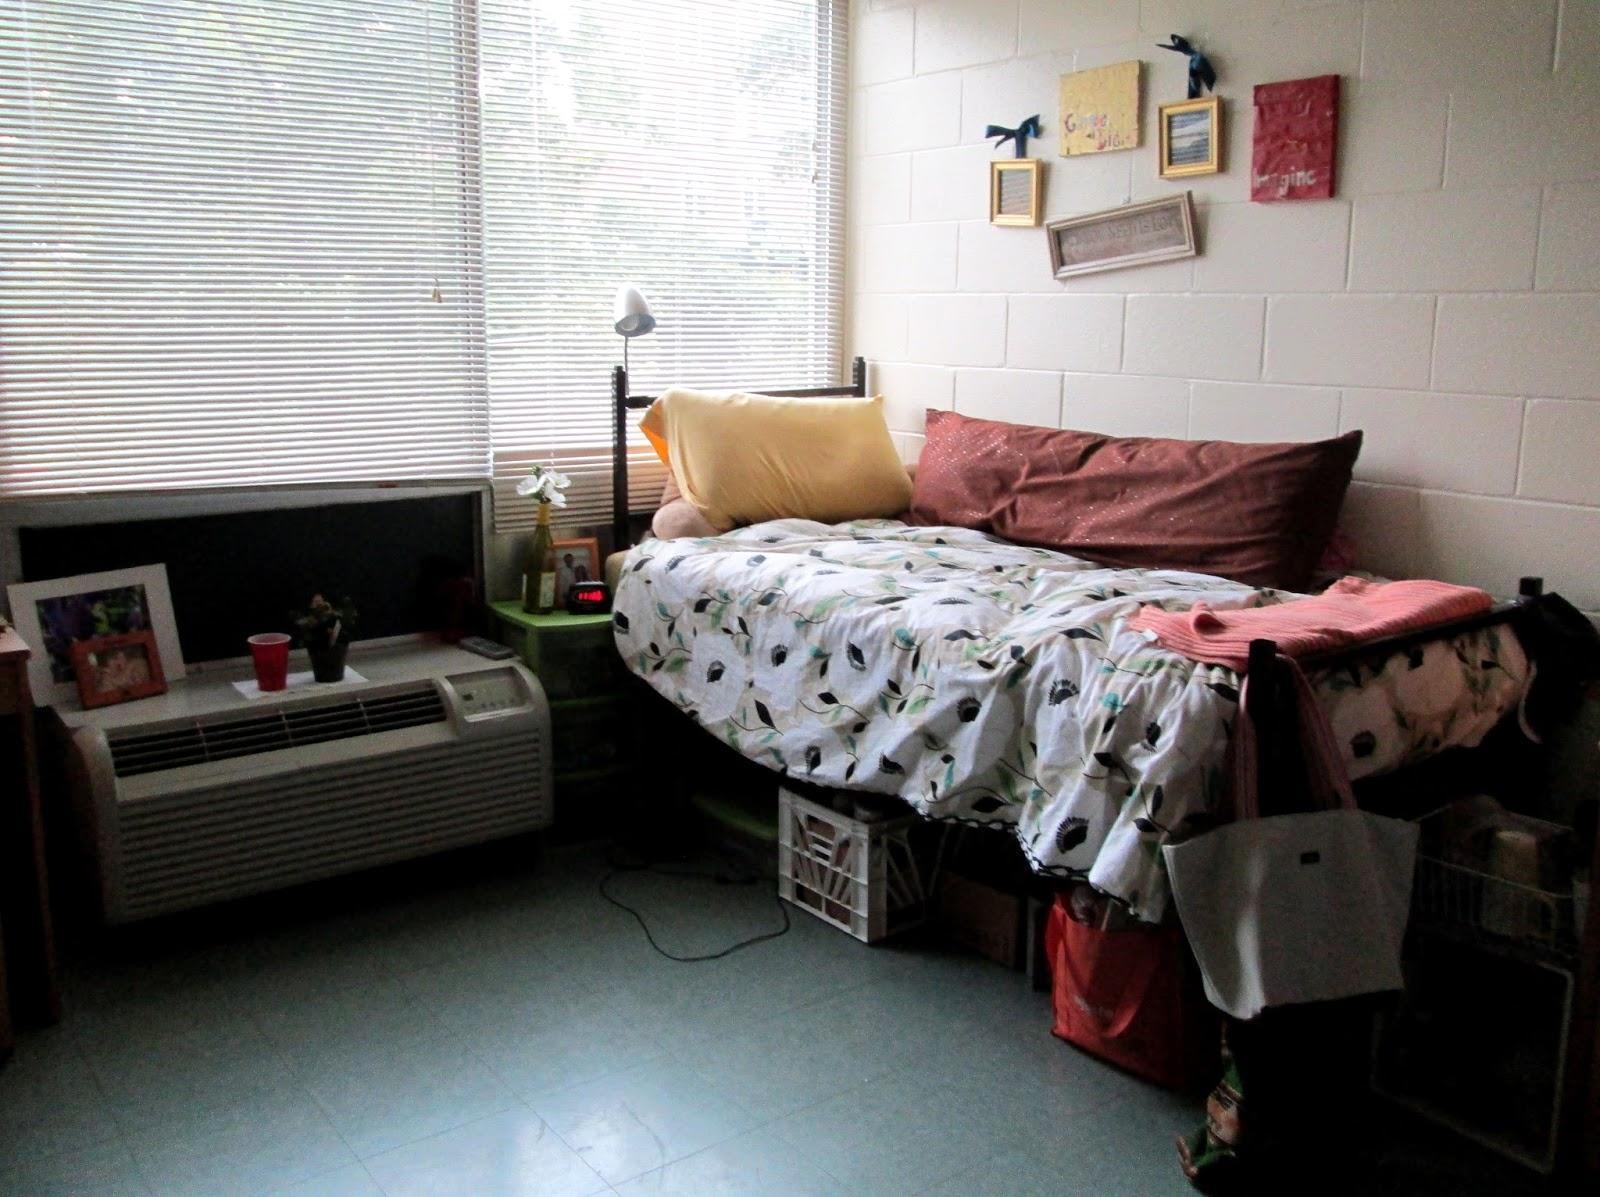 Dormstormers - Alaska